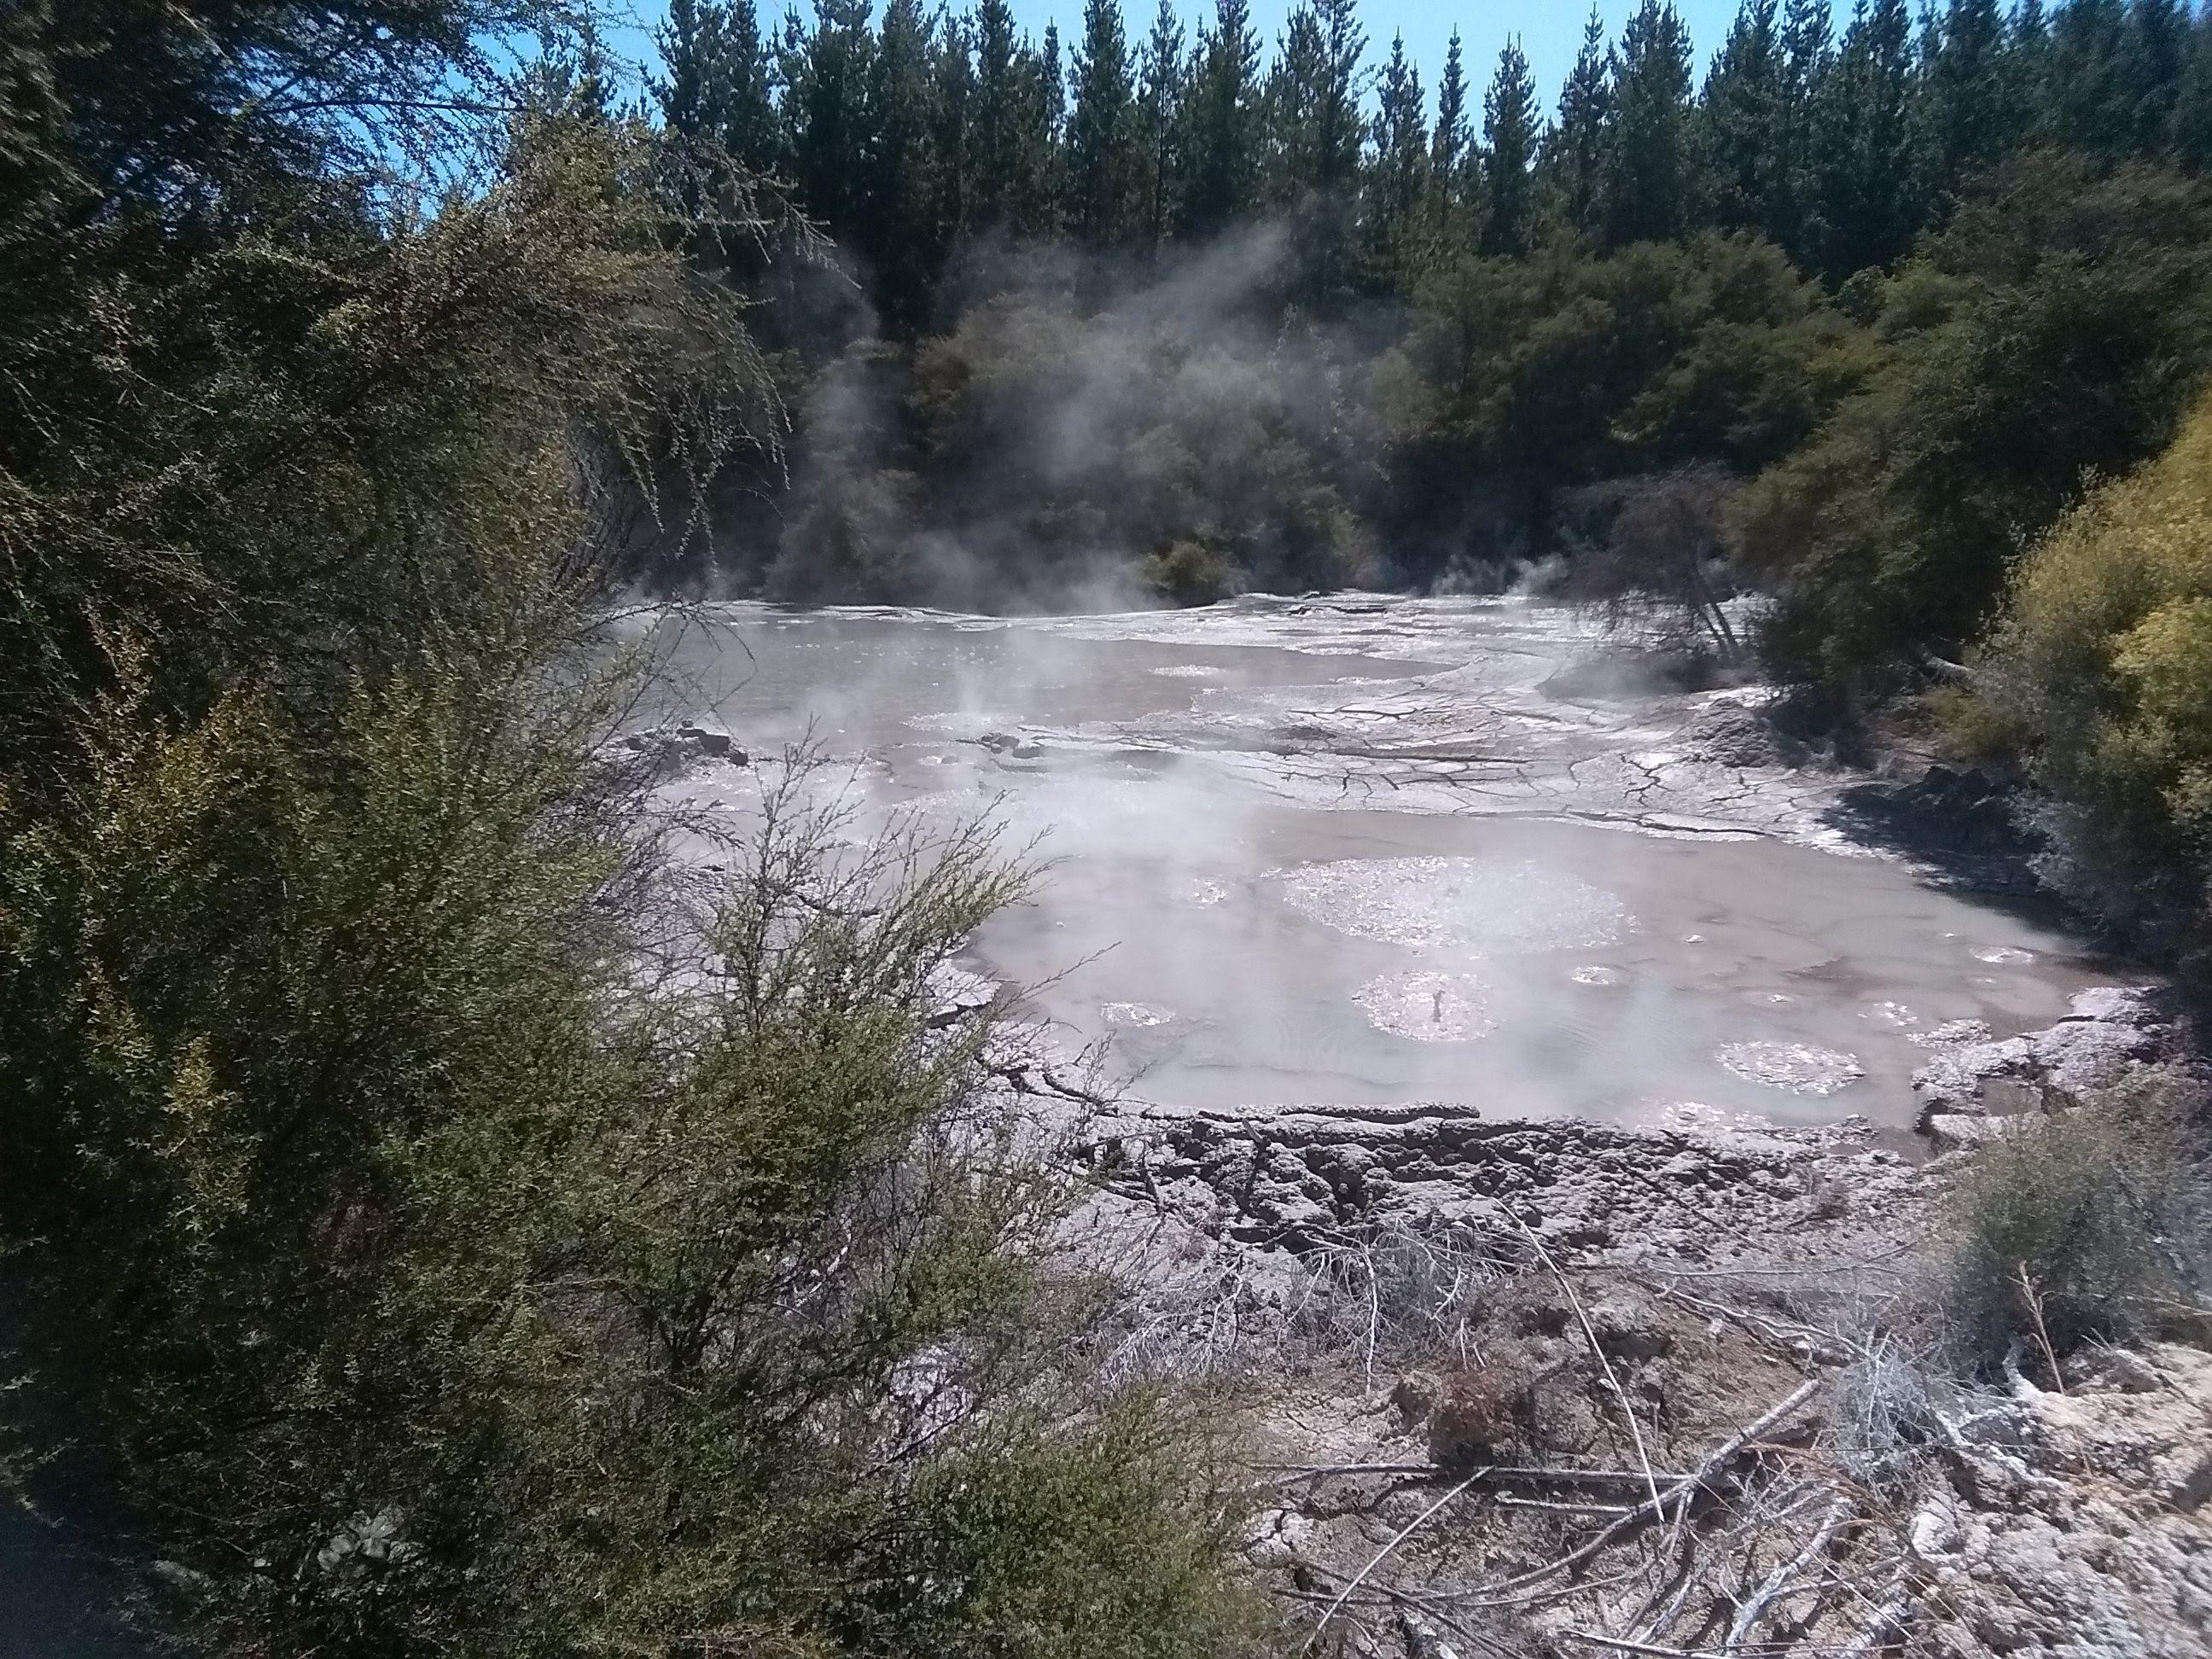 Bubbling mud pools at Wai-O-Tapu